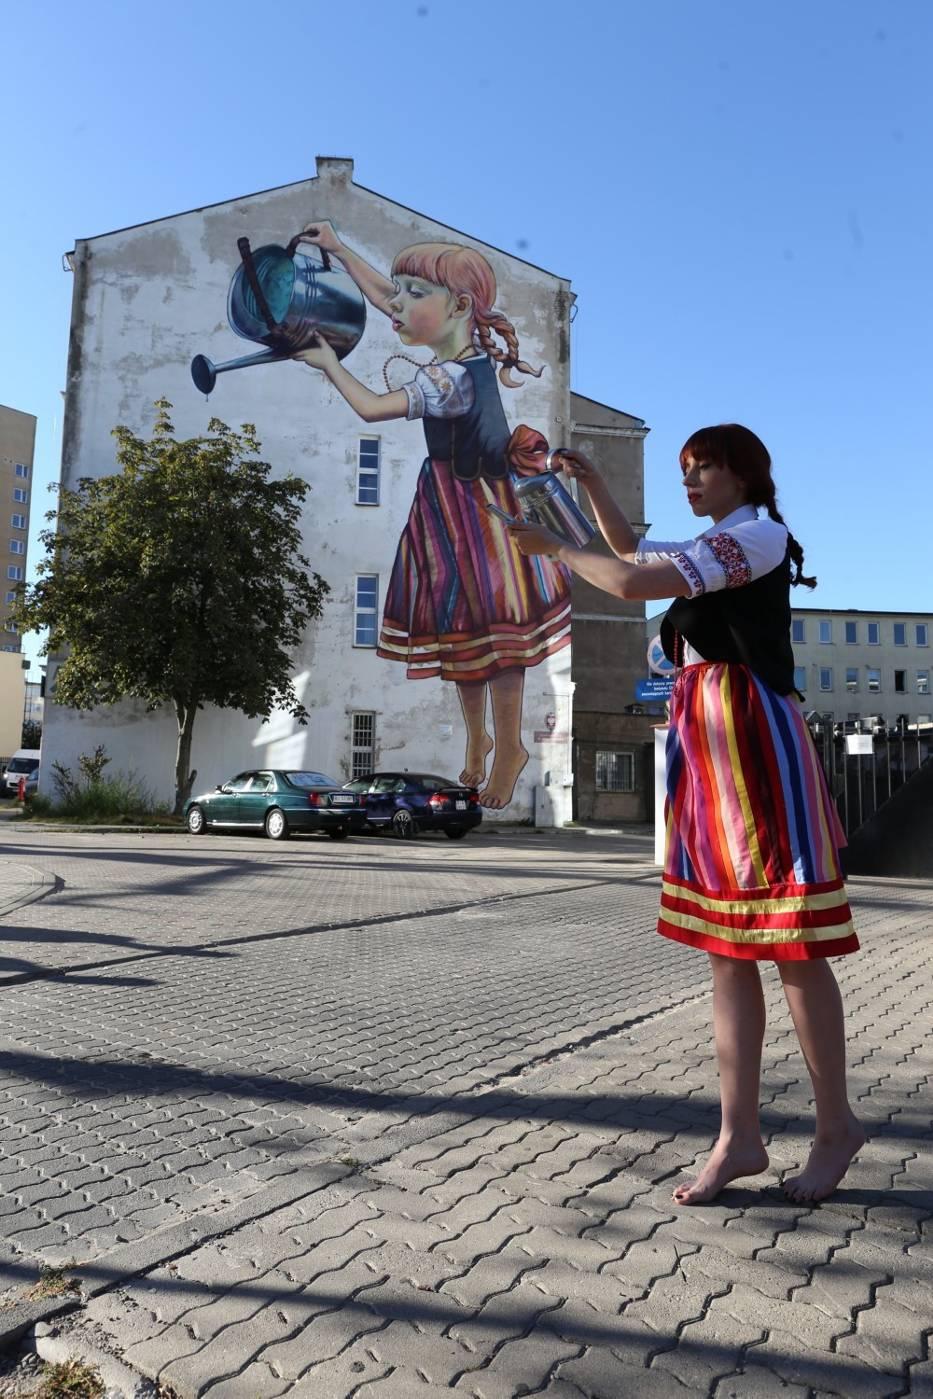 Dziewczynka z konewk na ywo modowy performance w for Mural dziewczynka z konewka